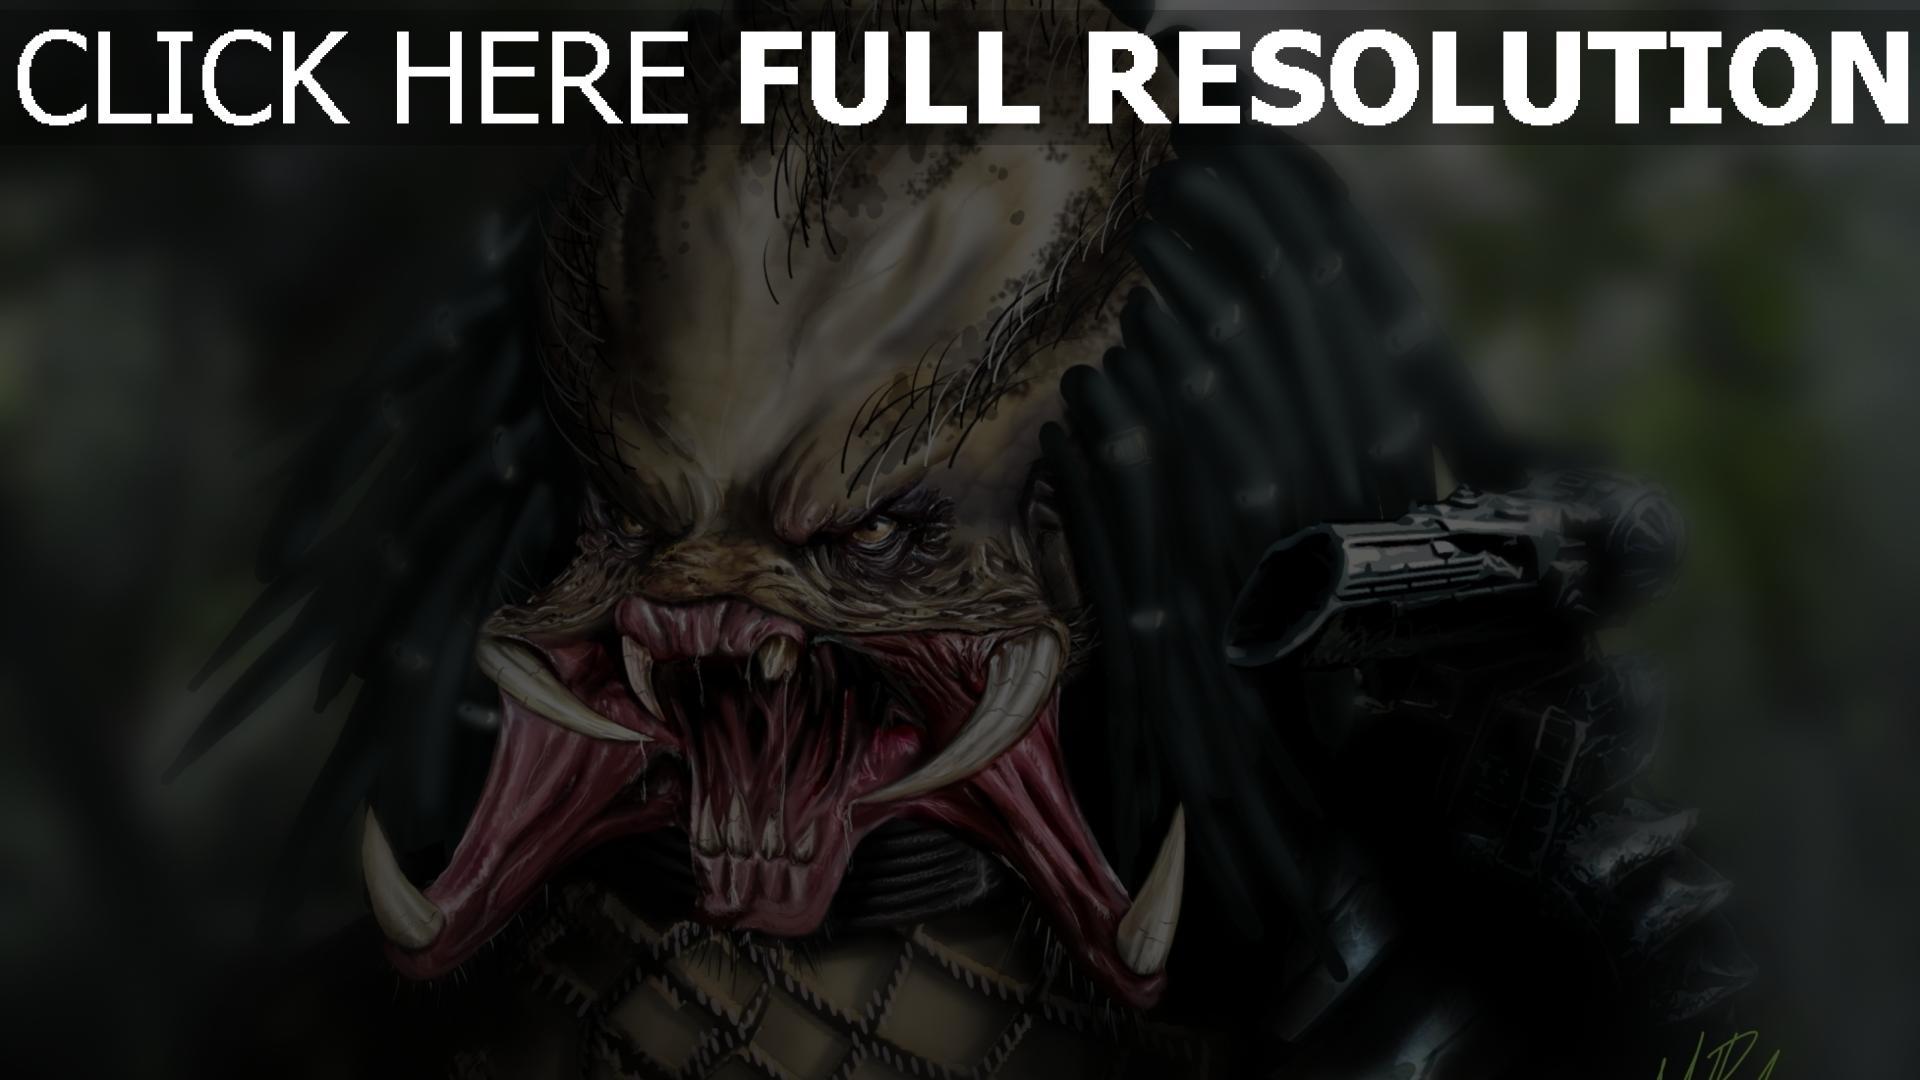 hd hintergrundbilder zeichnung kreatur gefährlich malerei fantasie predator 1920x1080